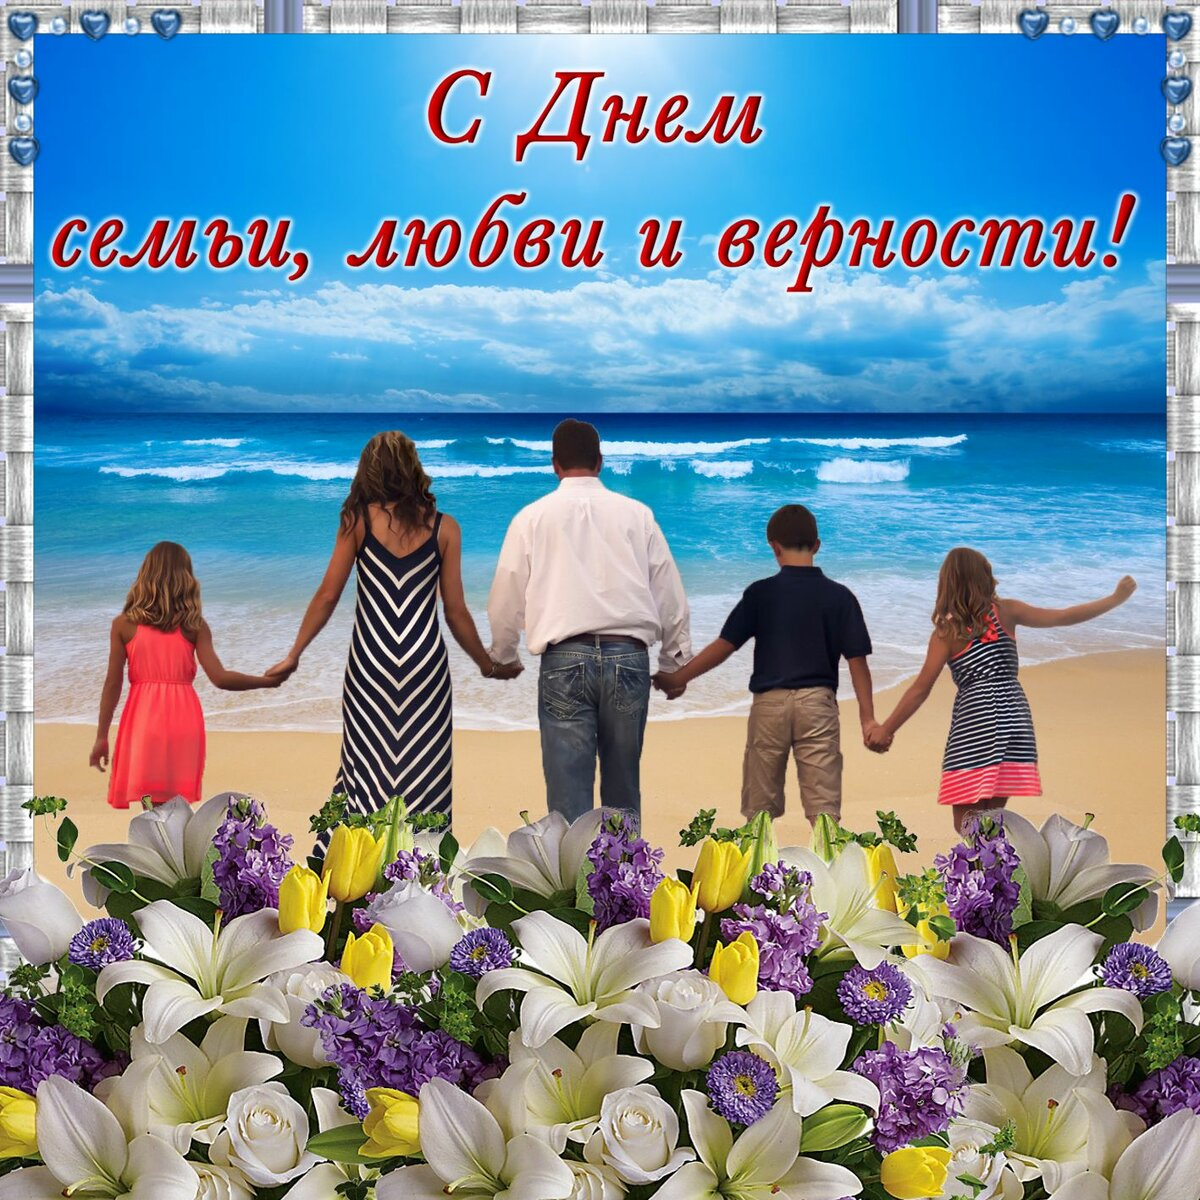 Веселые картинки к празднику семьи любви и верности